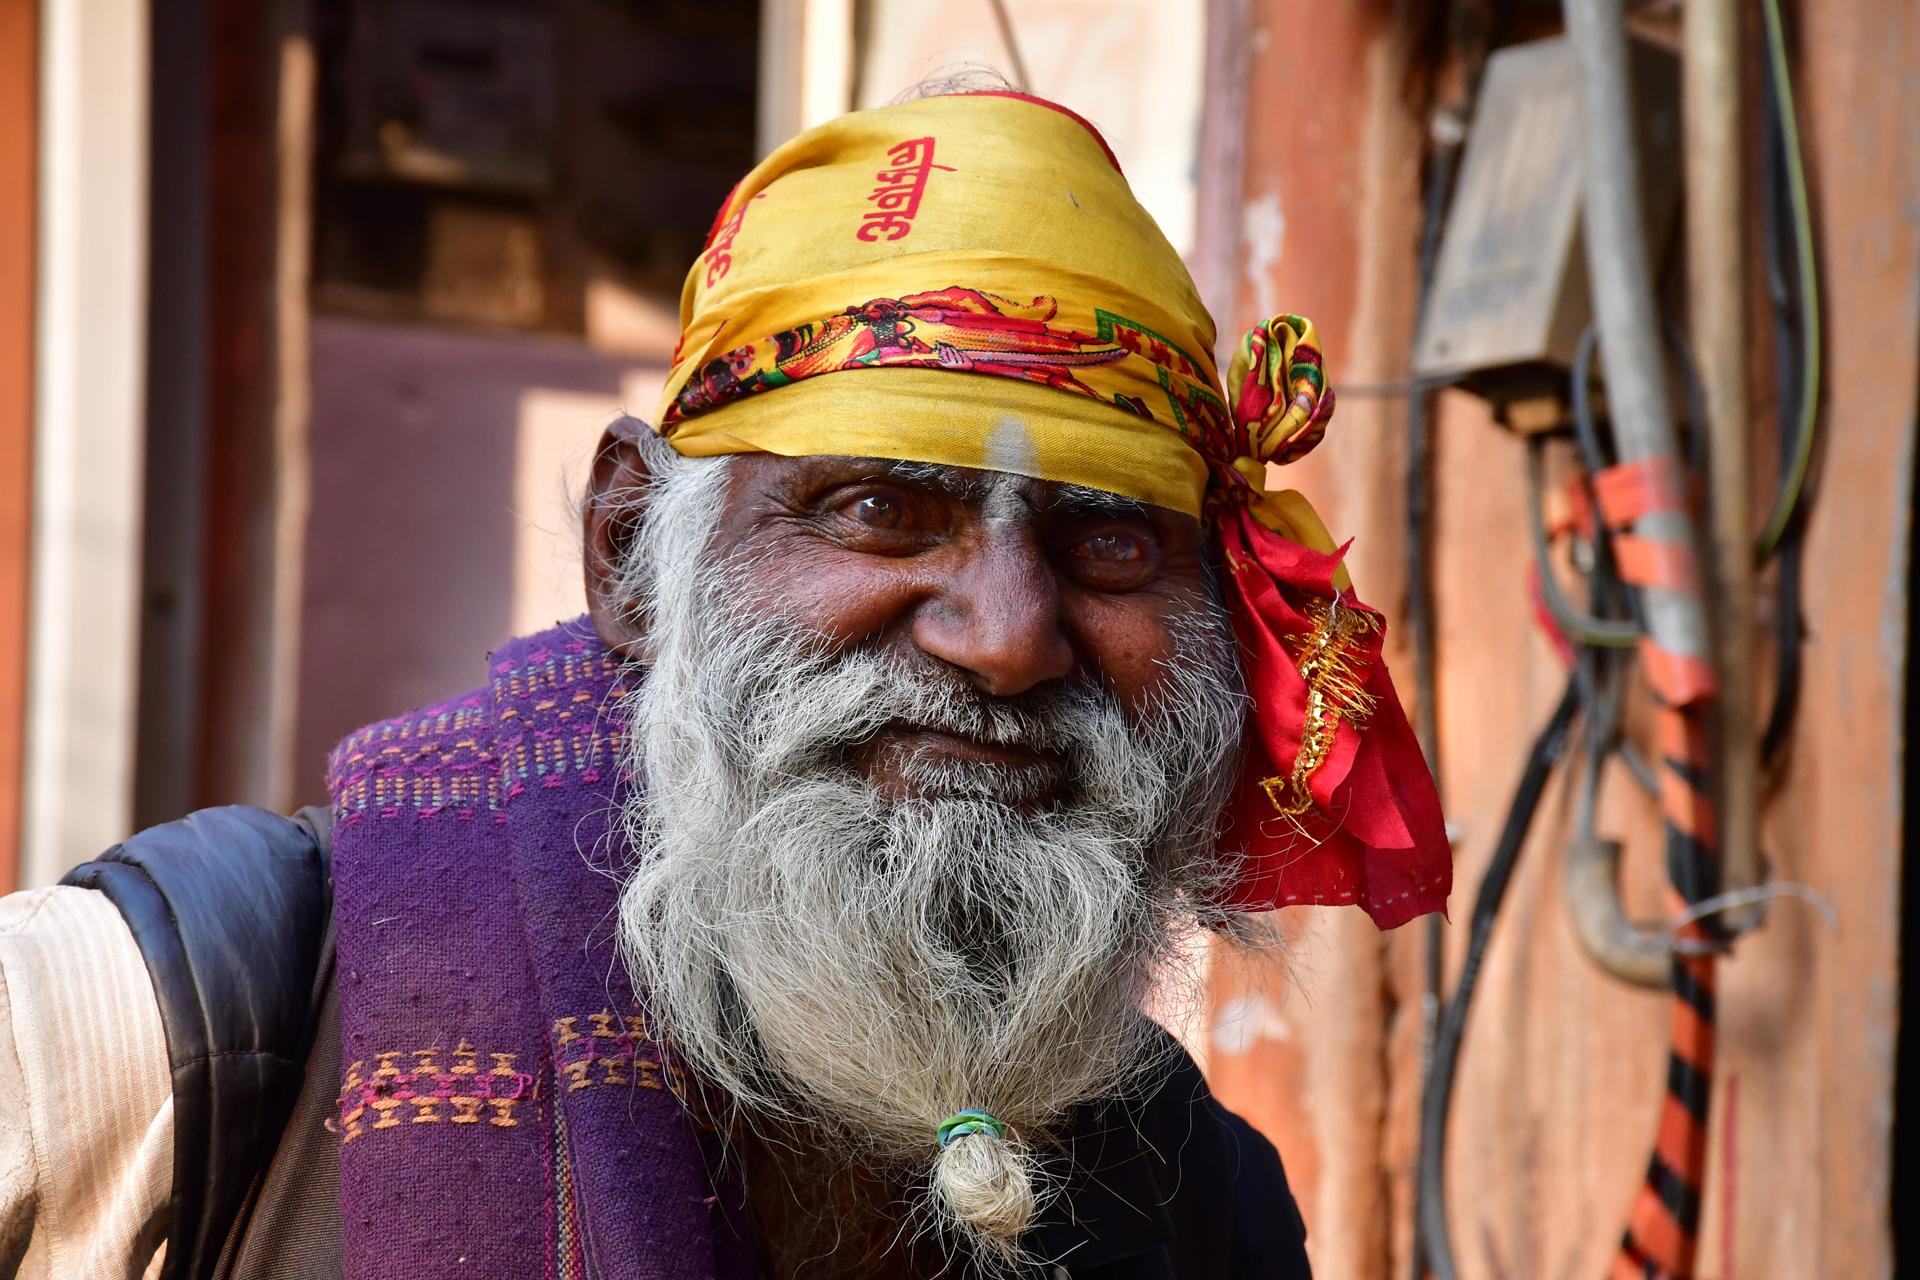 יואל שתרוג - אדמה יוצרת - yoel sitruk -רואה לך בעיניים - הודו - ג'איפור